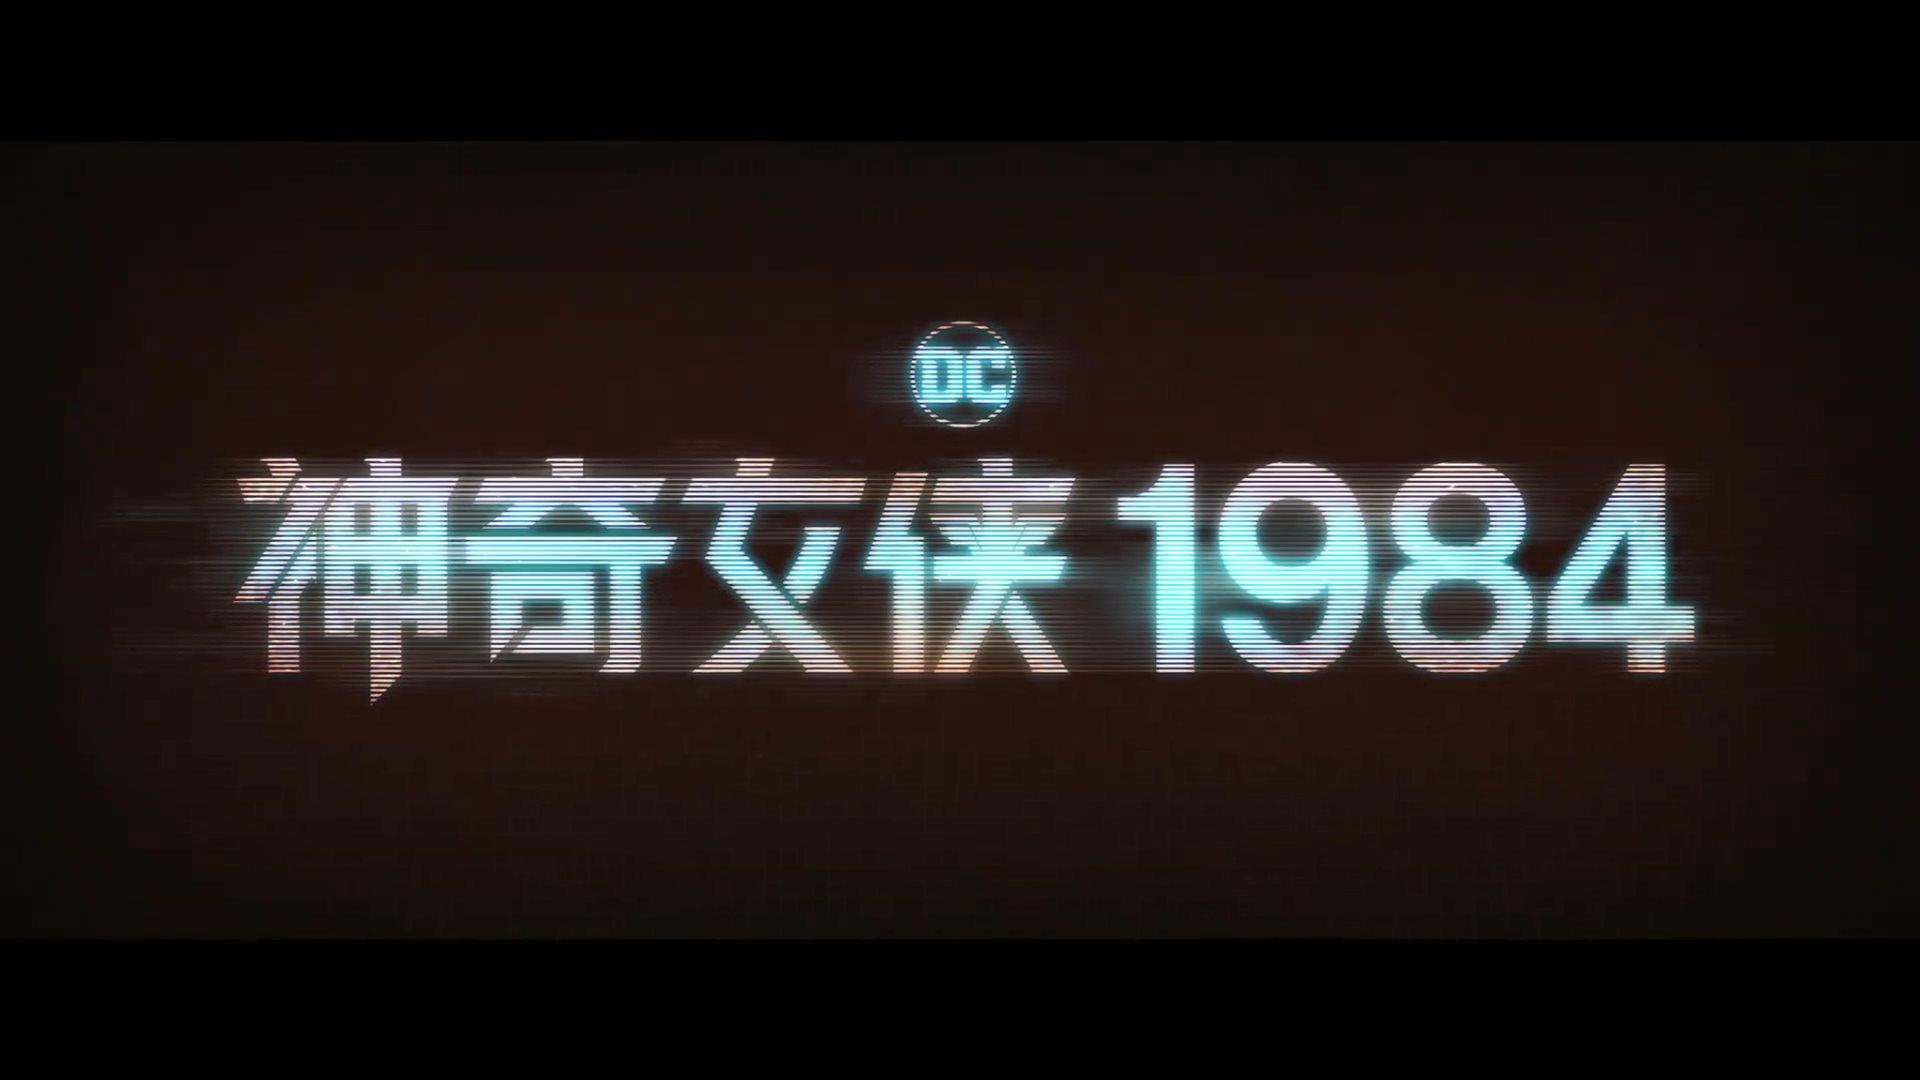 《神奇女侠1984》发布全新海报 金甲女神英气逼人